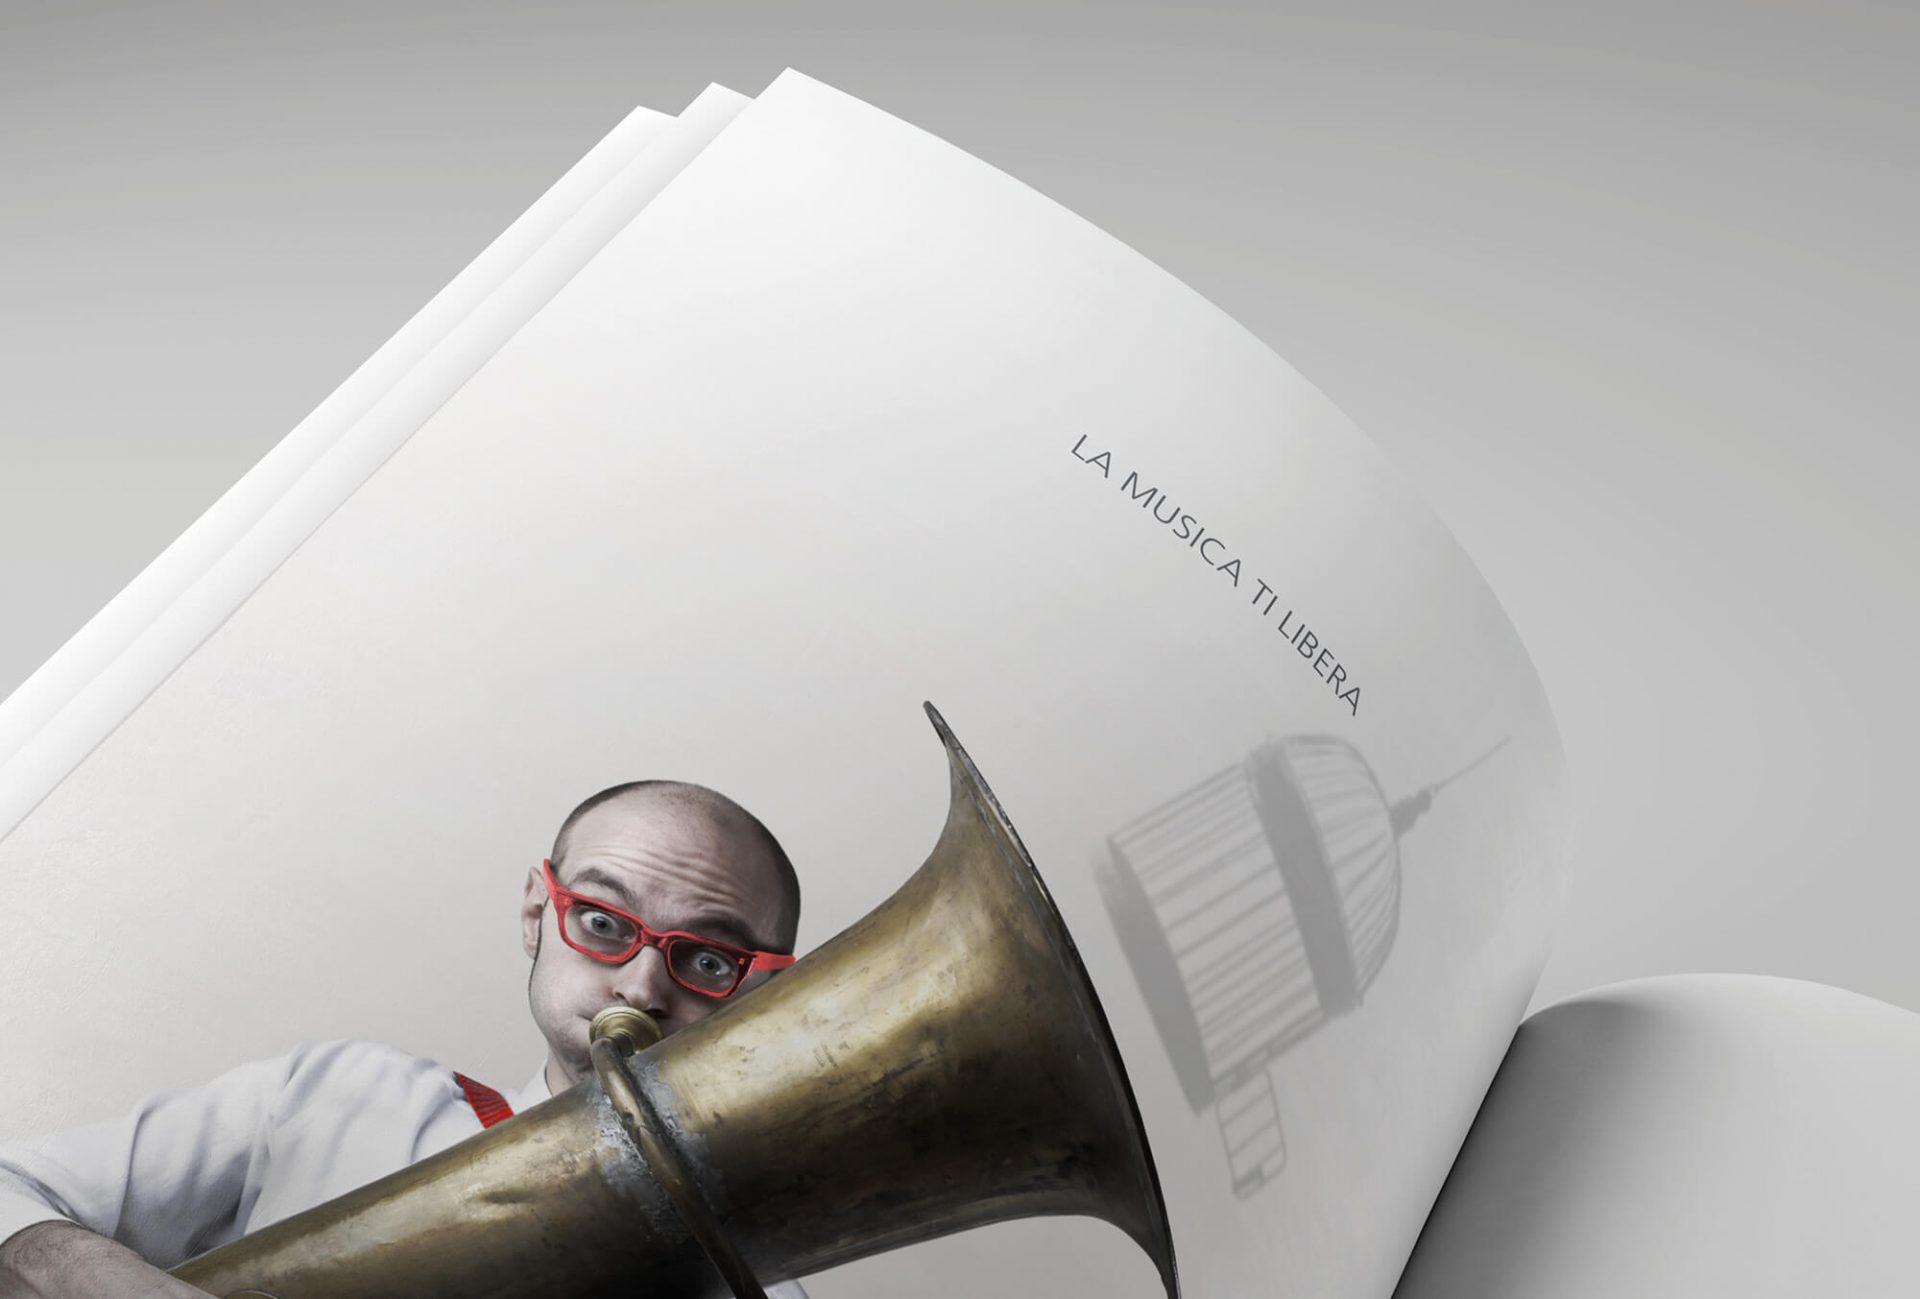 dettaglio annuncio pubblicitario della campagna stampa per l'inaugurazione della scuola musicale alto garda, adv creata dalla agenzia di pubblicità diade studio arco di trento